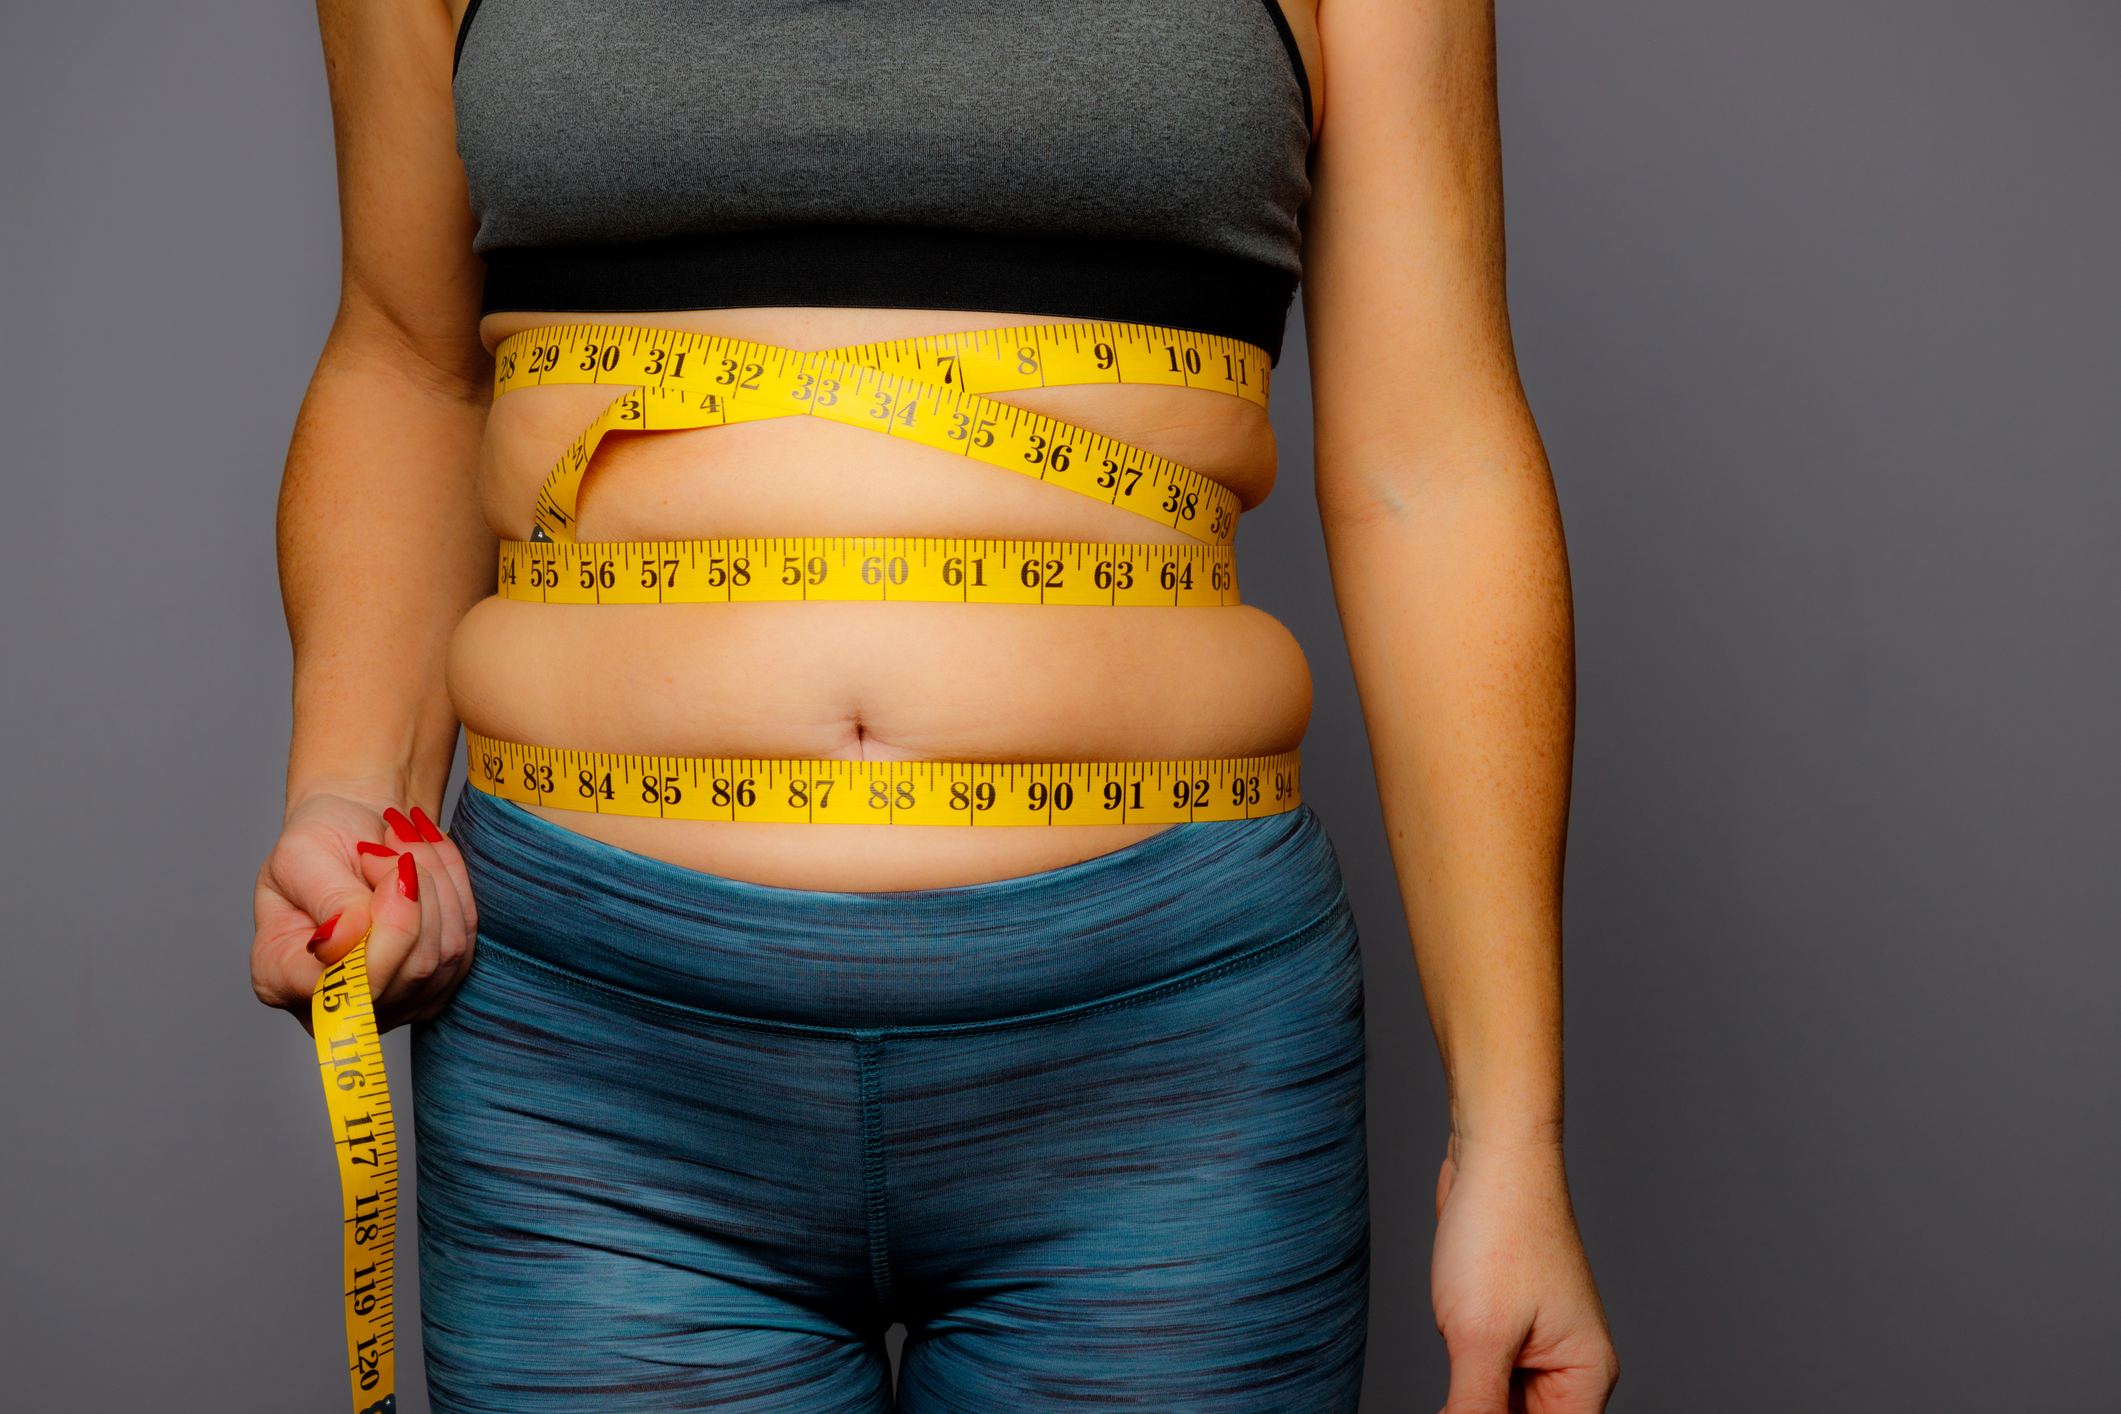 Elveszíti makacs alsó testzsírt, Hogyan lehet megszabadulni az alsó hústól